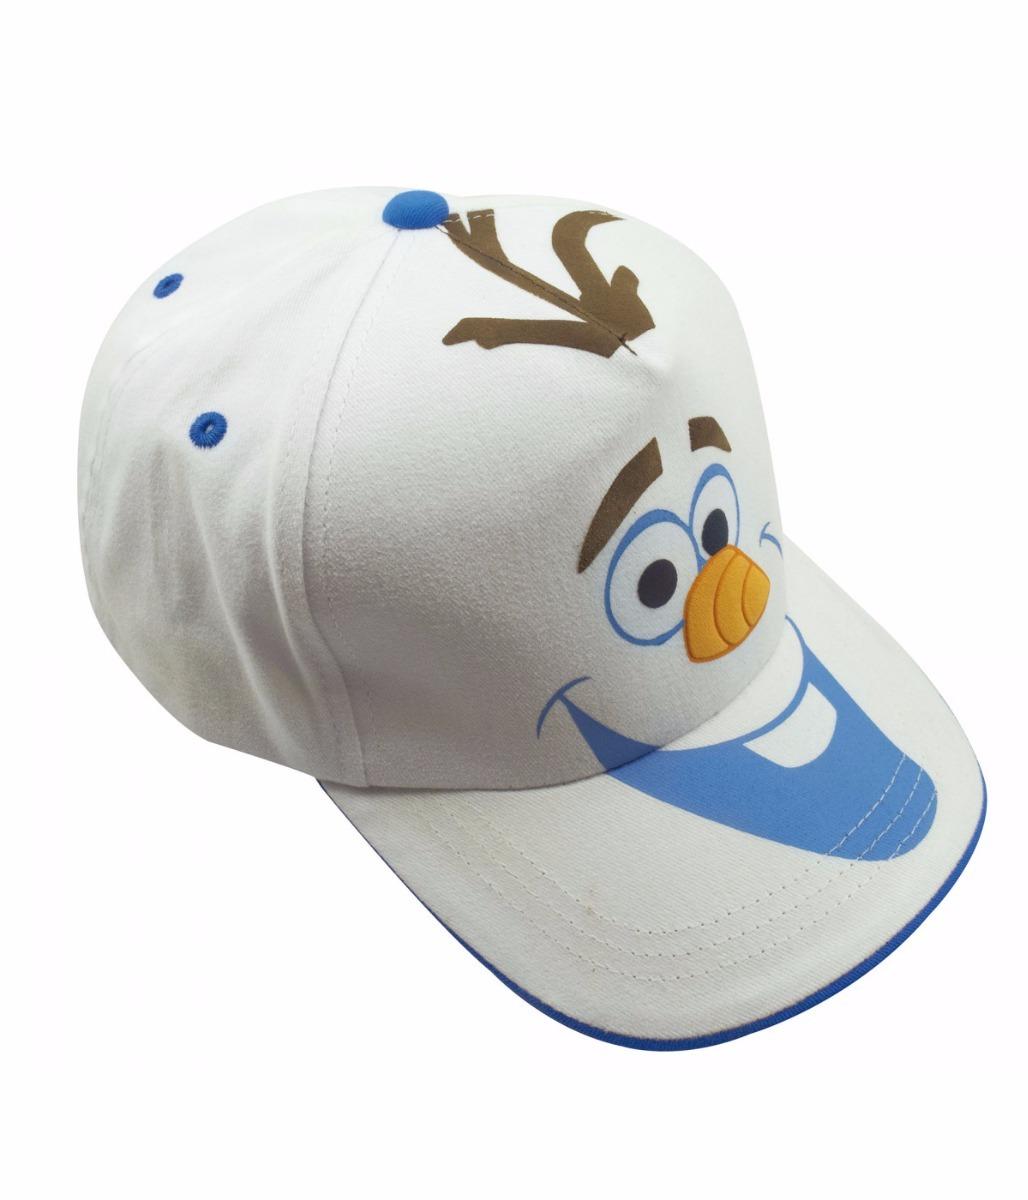 0adf262f31 Boné Infantil Branco Olaf Frozen - Disney - R$ 53,90 em Mercado Livre